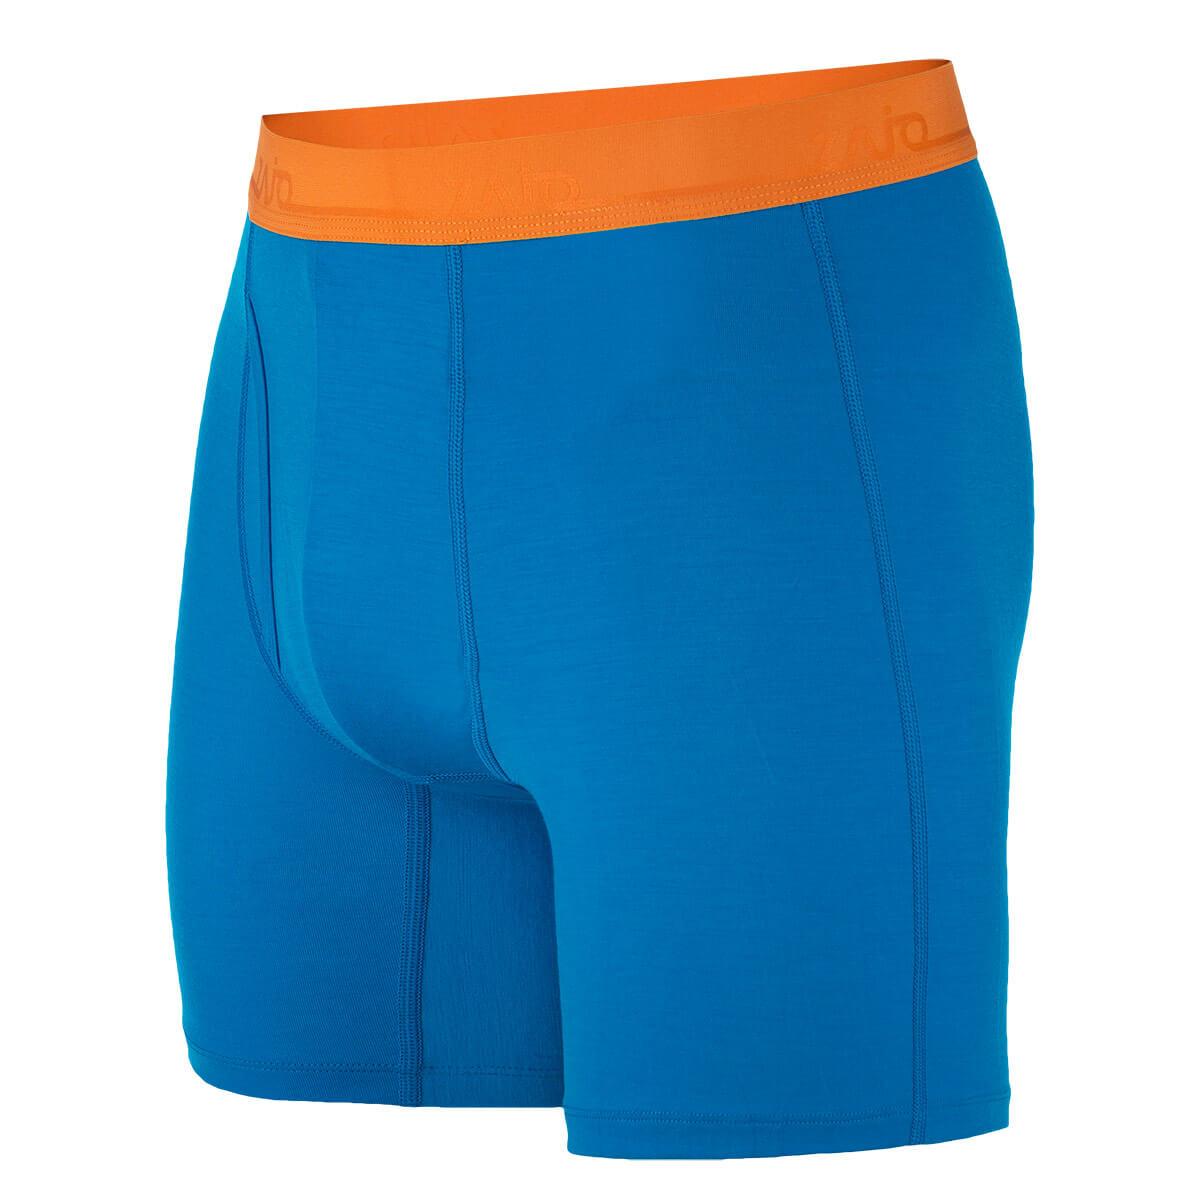 Pánske spodné prádlo Zajo Bjorn Merino Nylon Shorts Greek Blue - veľkosť M